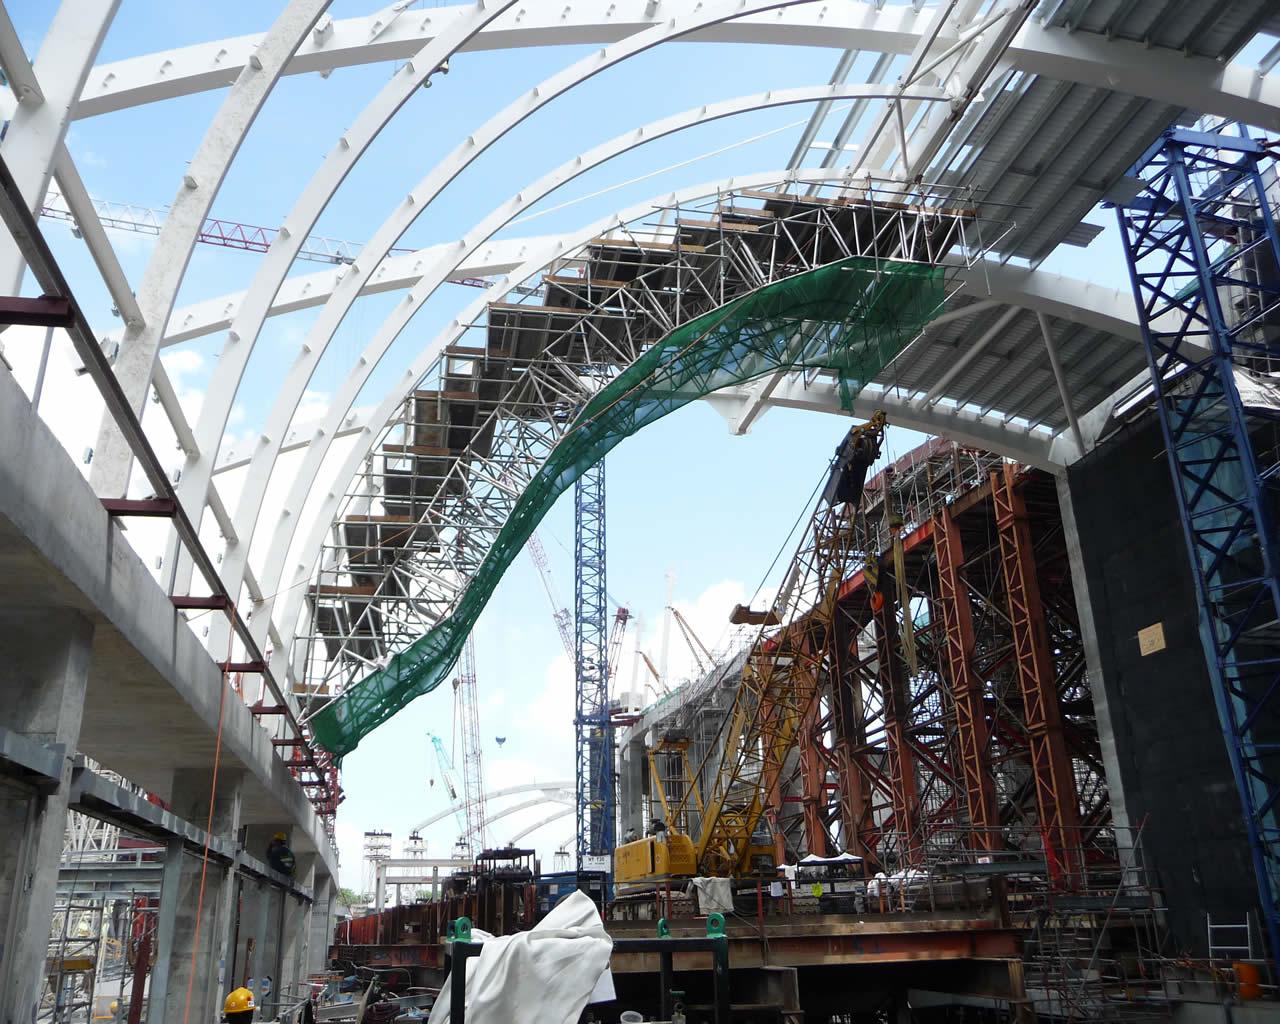 Marina Bay Sands Retail Canopy